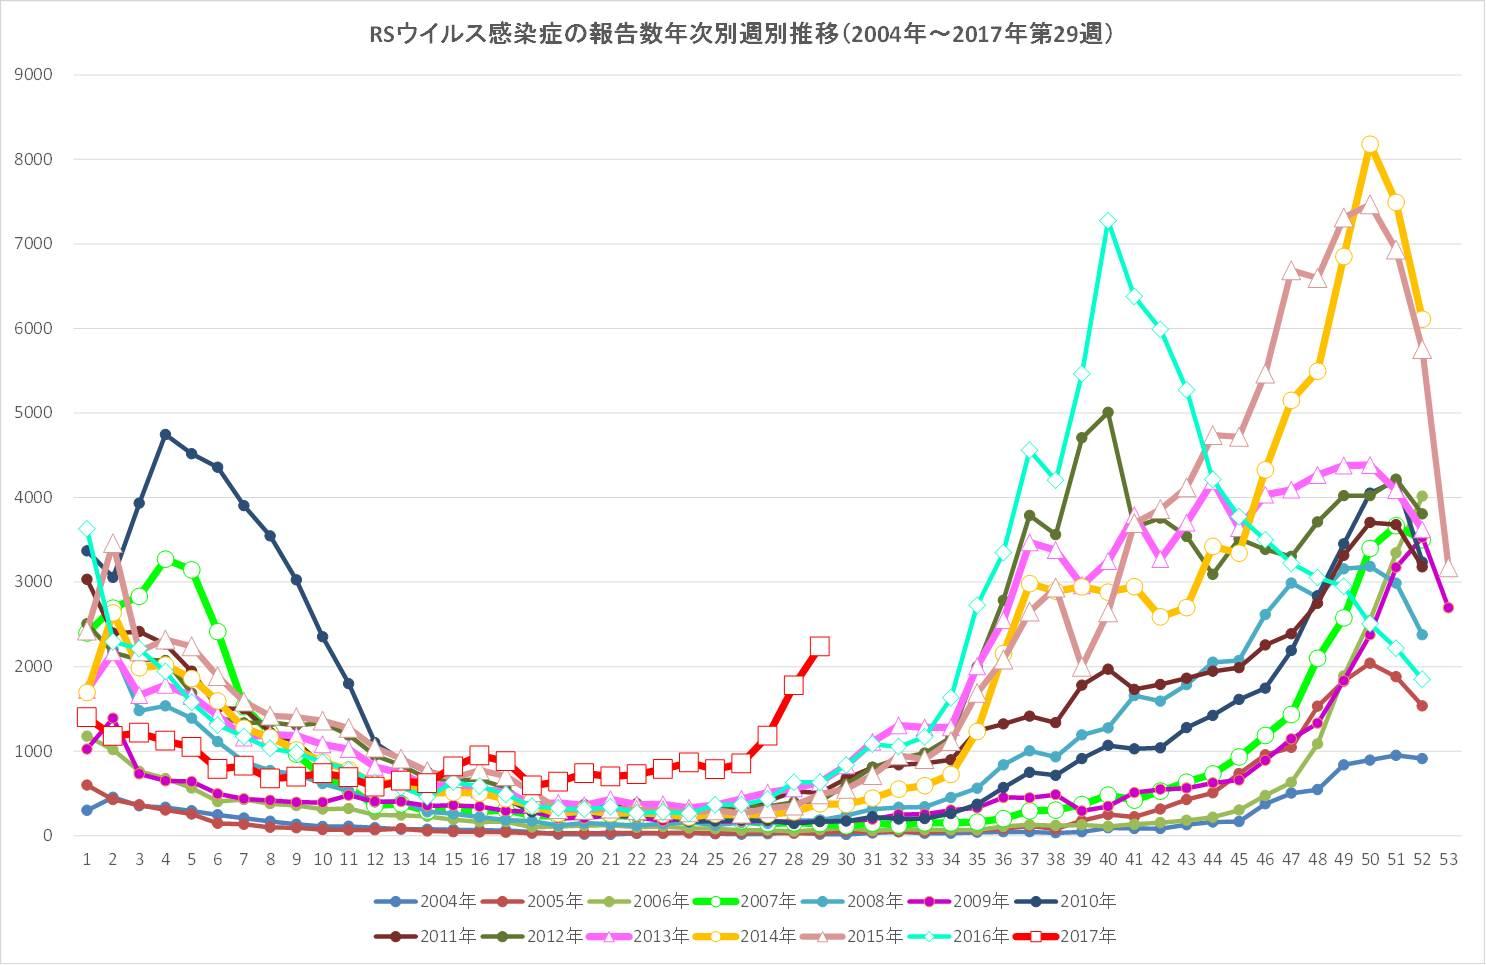 図 .RSウイルス感染症 流行の様子<br />情報元:IDWR2017年第29週(2017年7月17日〜2017年7月23日)